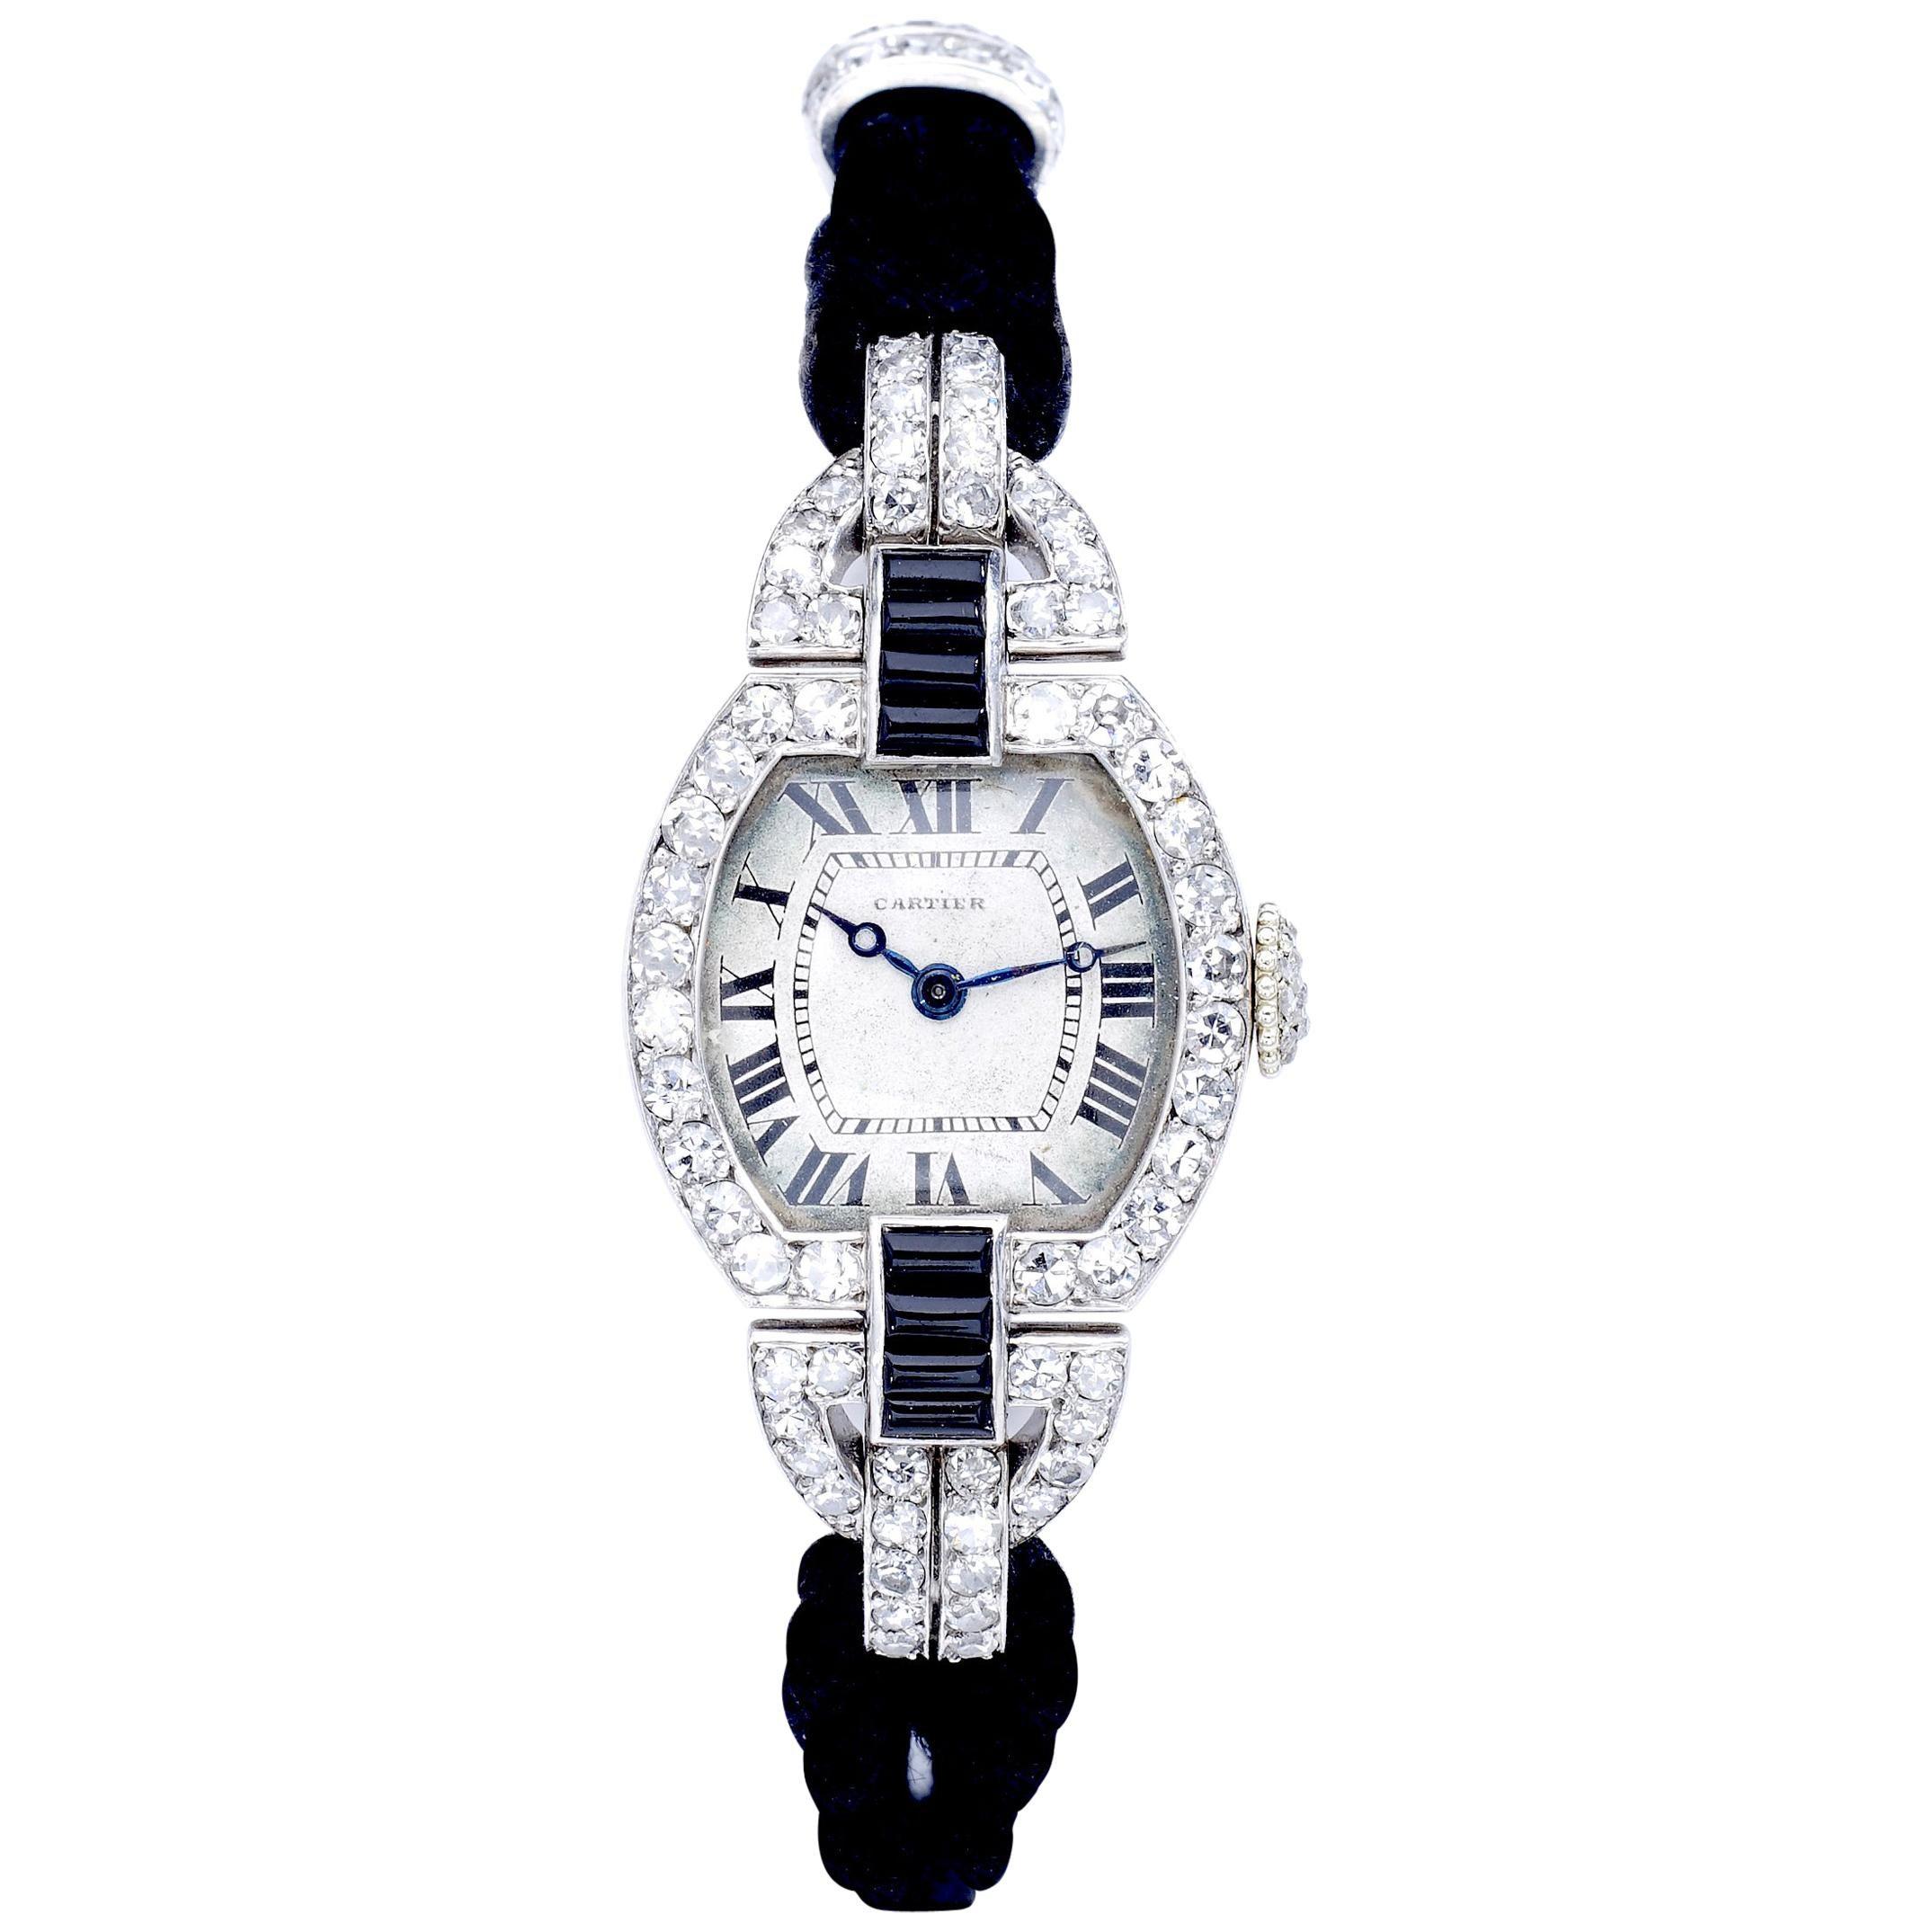 Cartier Paris Platinum Diamond Onyx Art Deco Wristwatch, 1920s